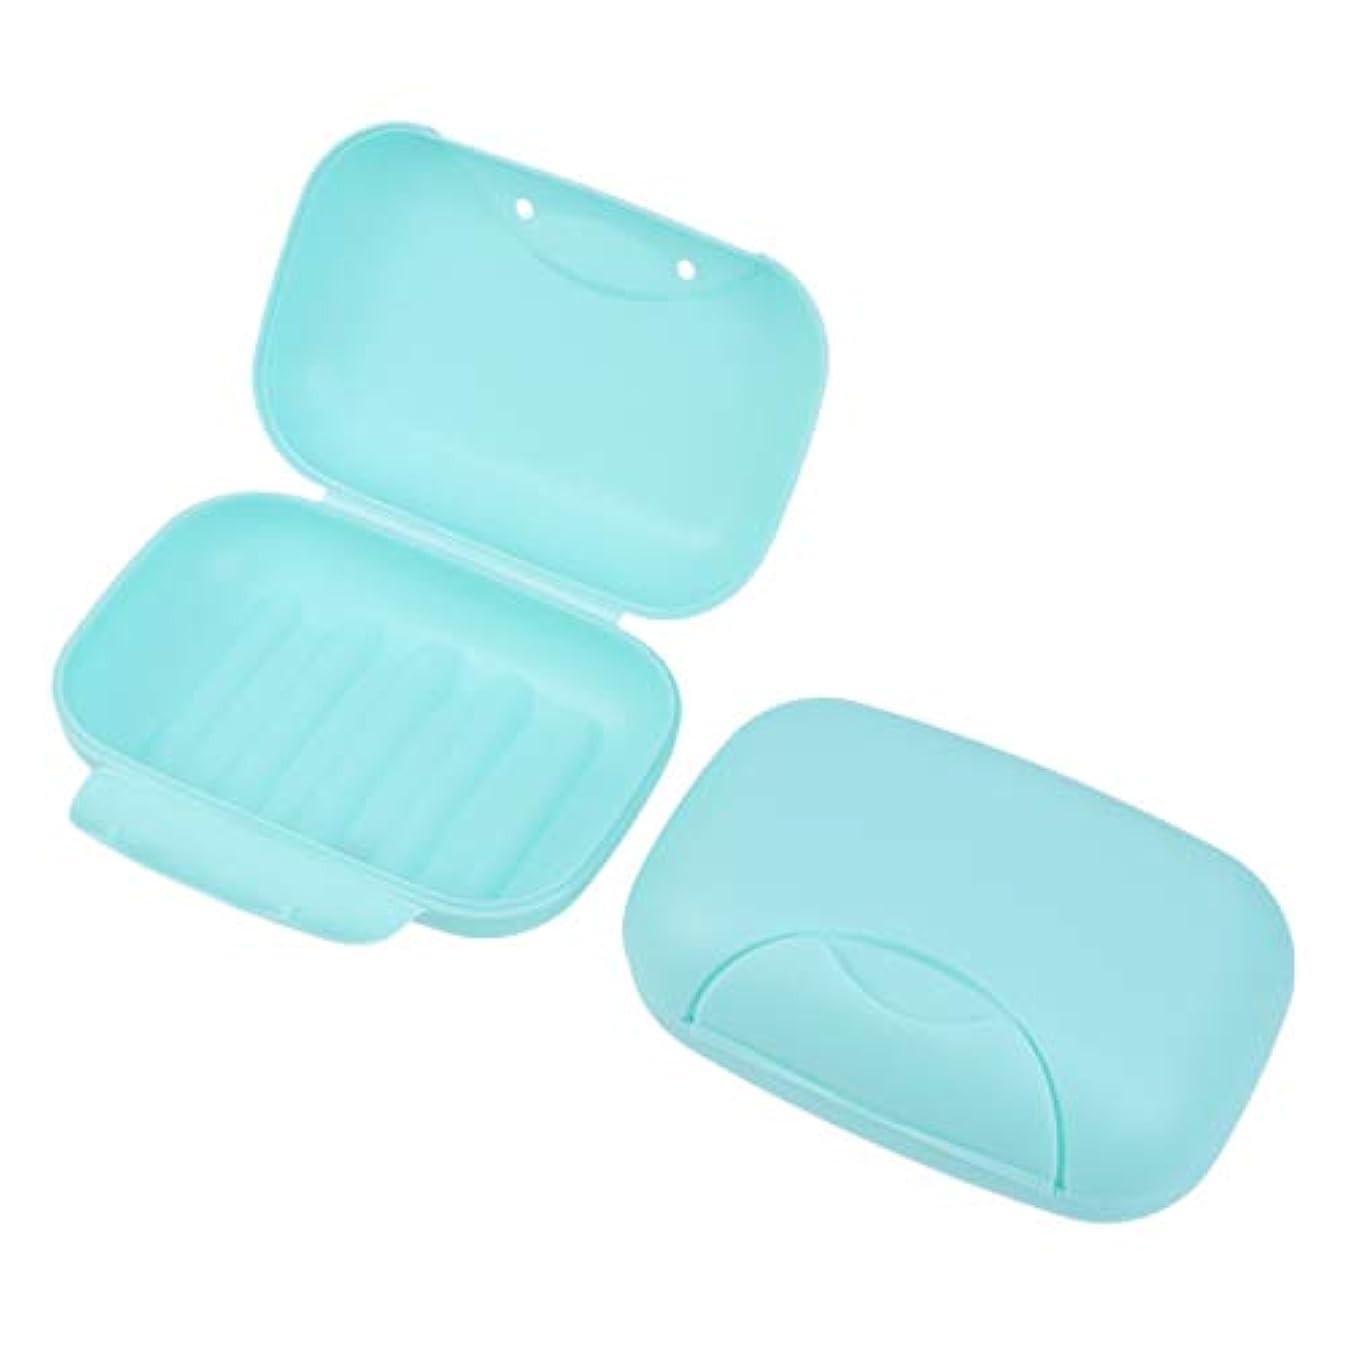 犯すオート権利を与えるHealifty 旅行用ソープボックス防水石鹸皿ソープホルダー2個(青)